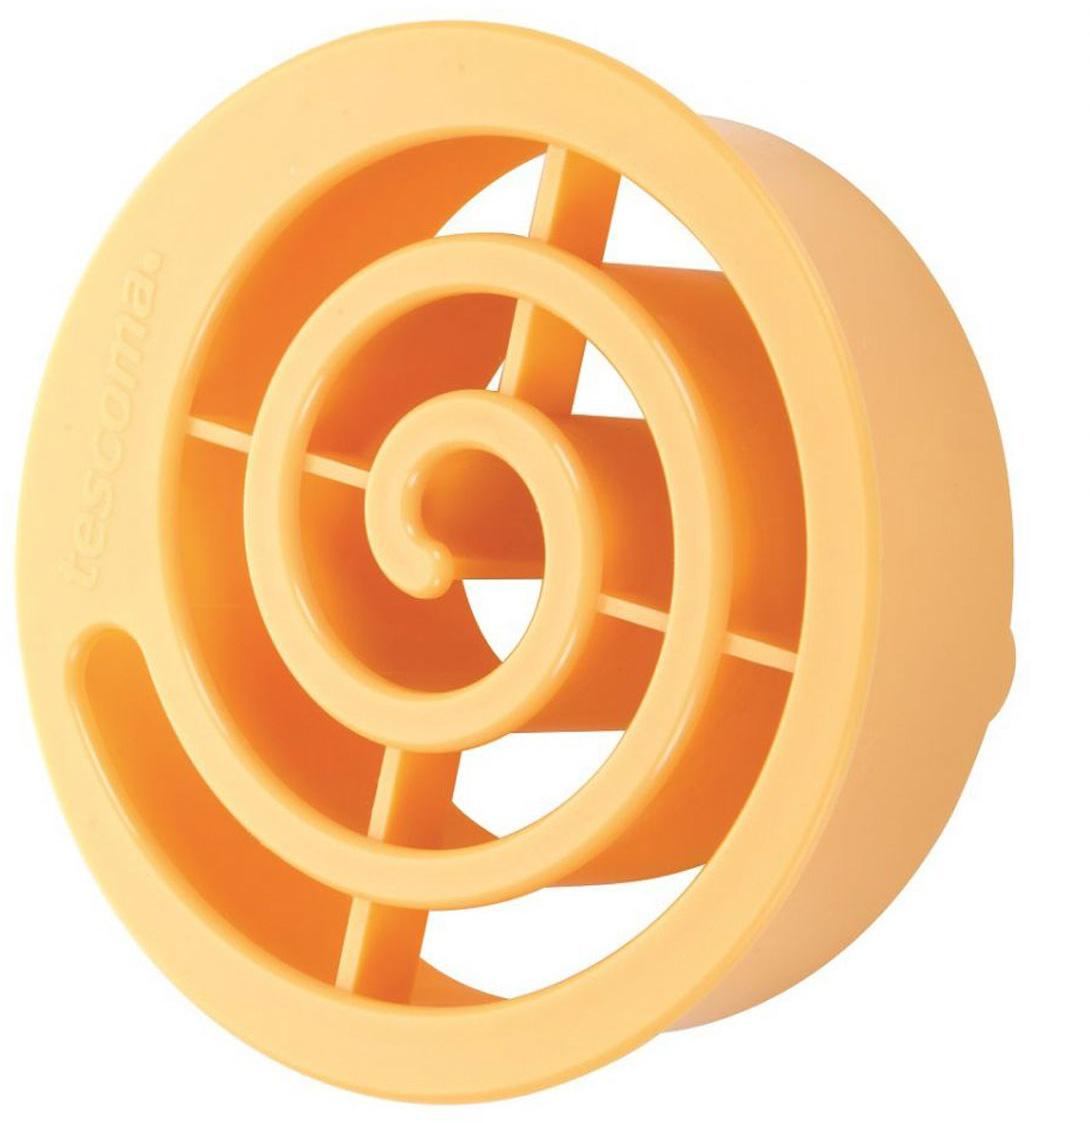 Форма для выпечки булочек Tescoma Улитка, 9 х 9 х 3 см стакан для ванной umbra droplet цвет дымчатый 9 3 х 9 6 х 9 6 см